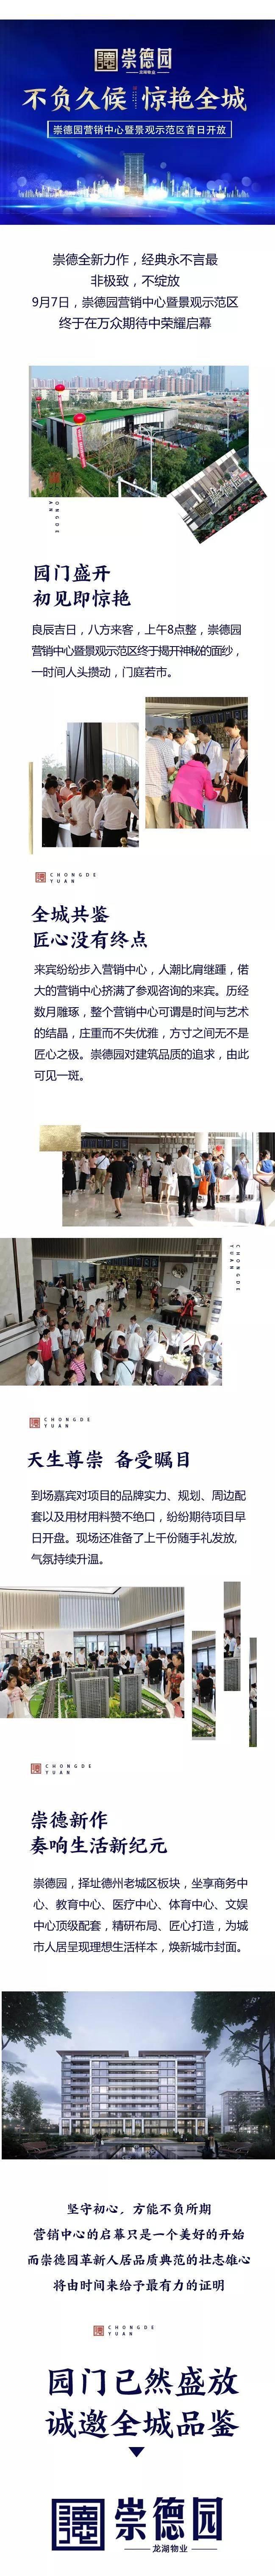 【崇德园】――崇德园营销中心暨景观示范区盛大开放